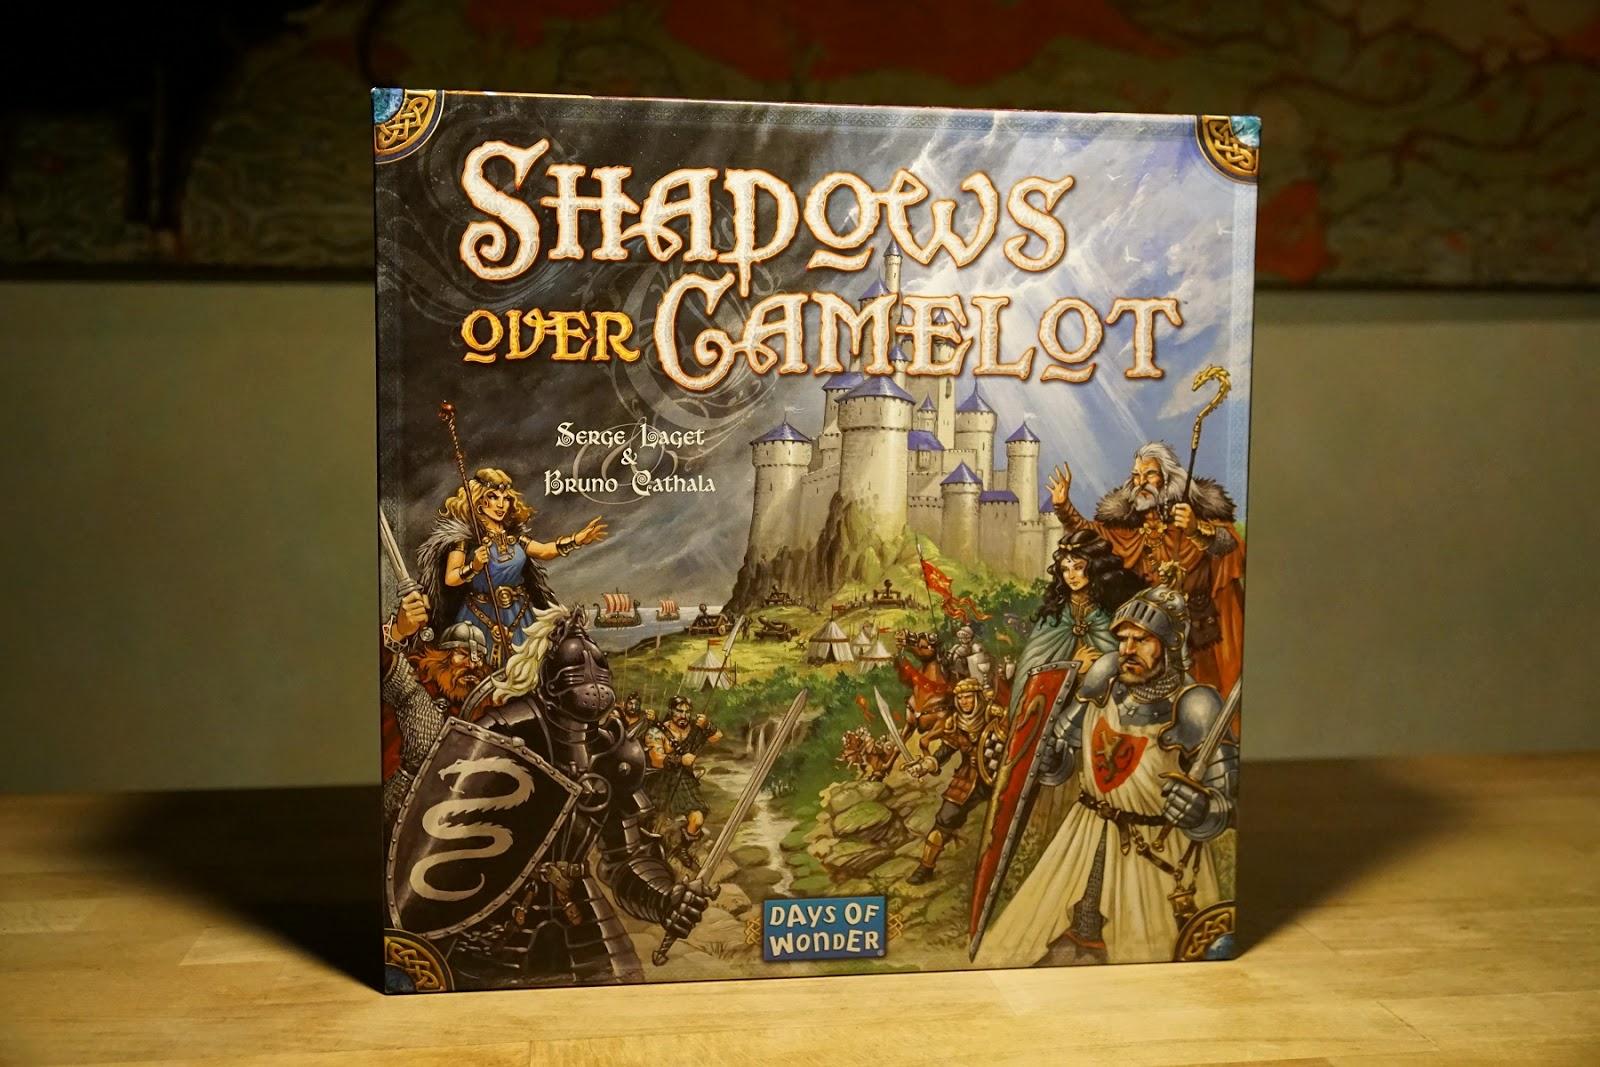 Recensione shadows over camelot storie di battaglie - Re artu ei cavalieri della tavola rotonda libro ...